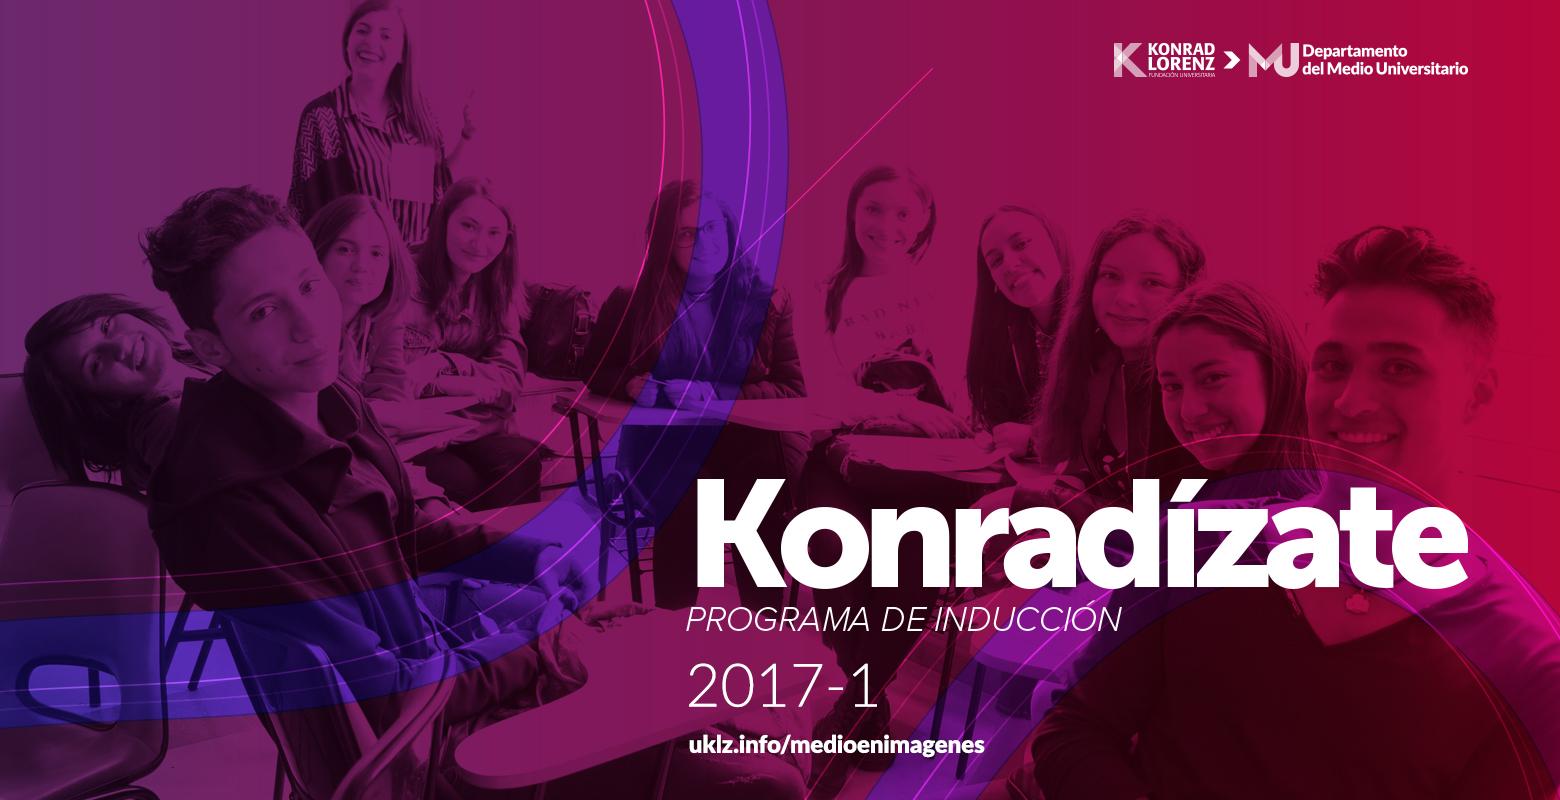 Konradízate. Bievenida a los #Neokonradistas 2017-1